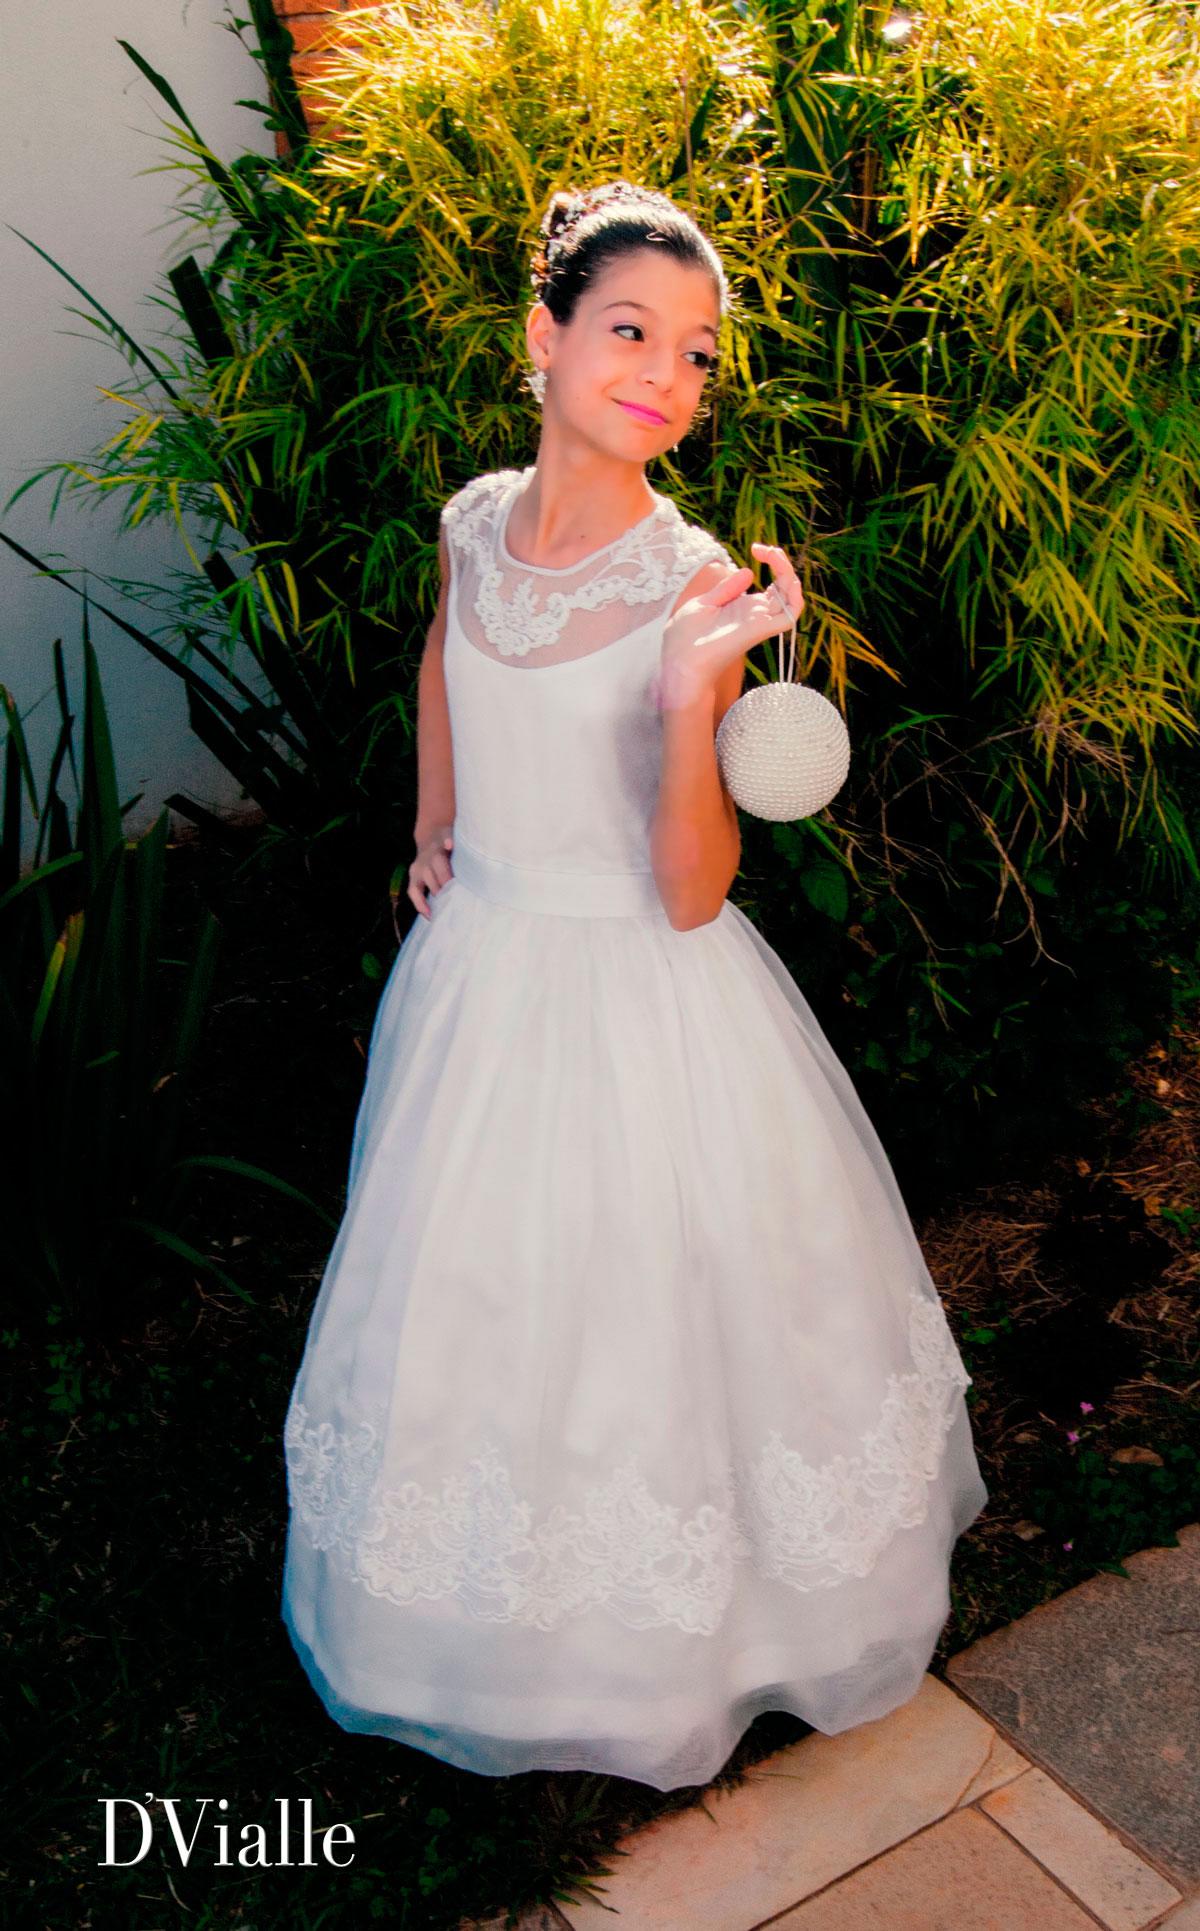 Coleção D'Vialle: Vestido dama detalhe renda